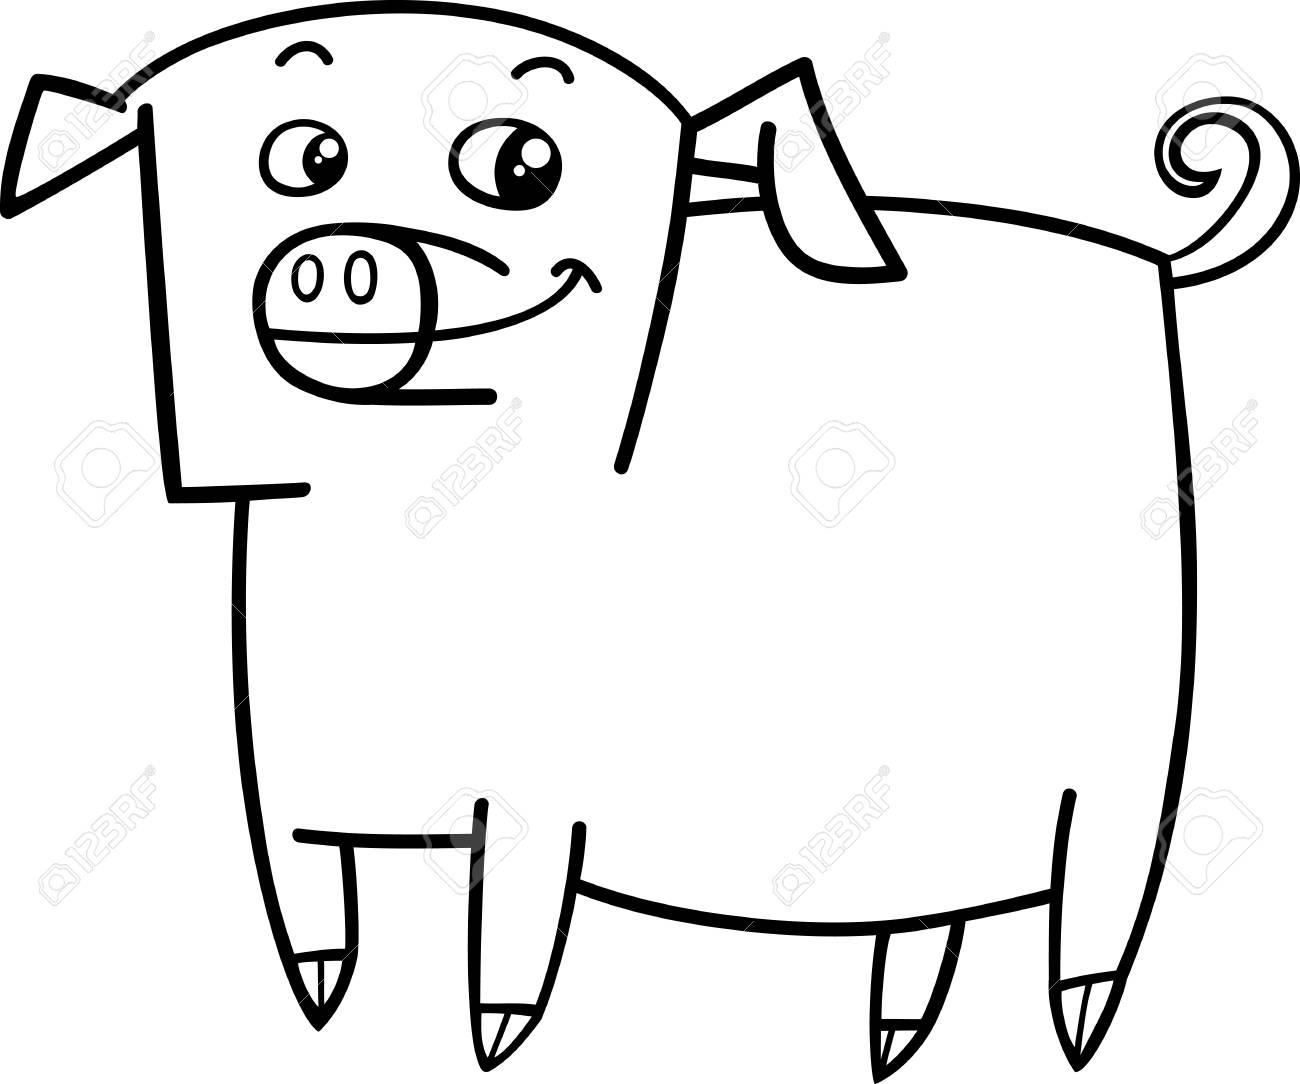 塗り絵の面白い豚ファーム動物文字の白黒漫画イラスト ロイヤリティ